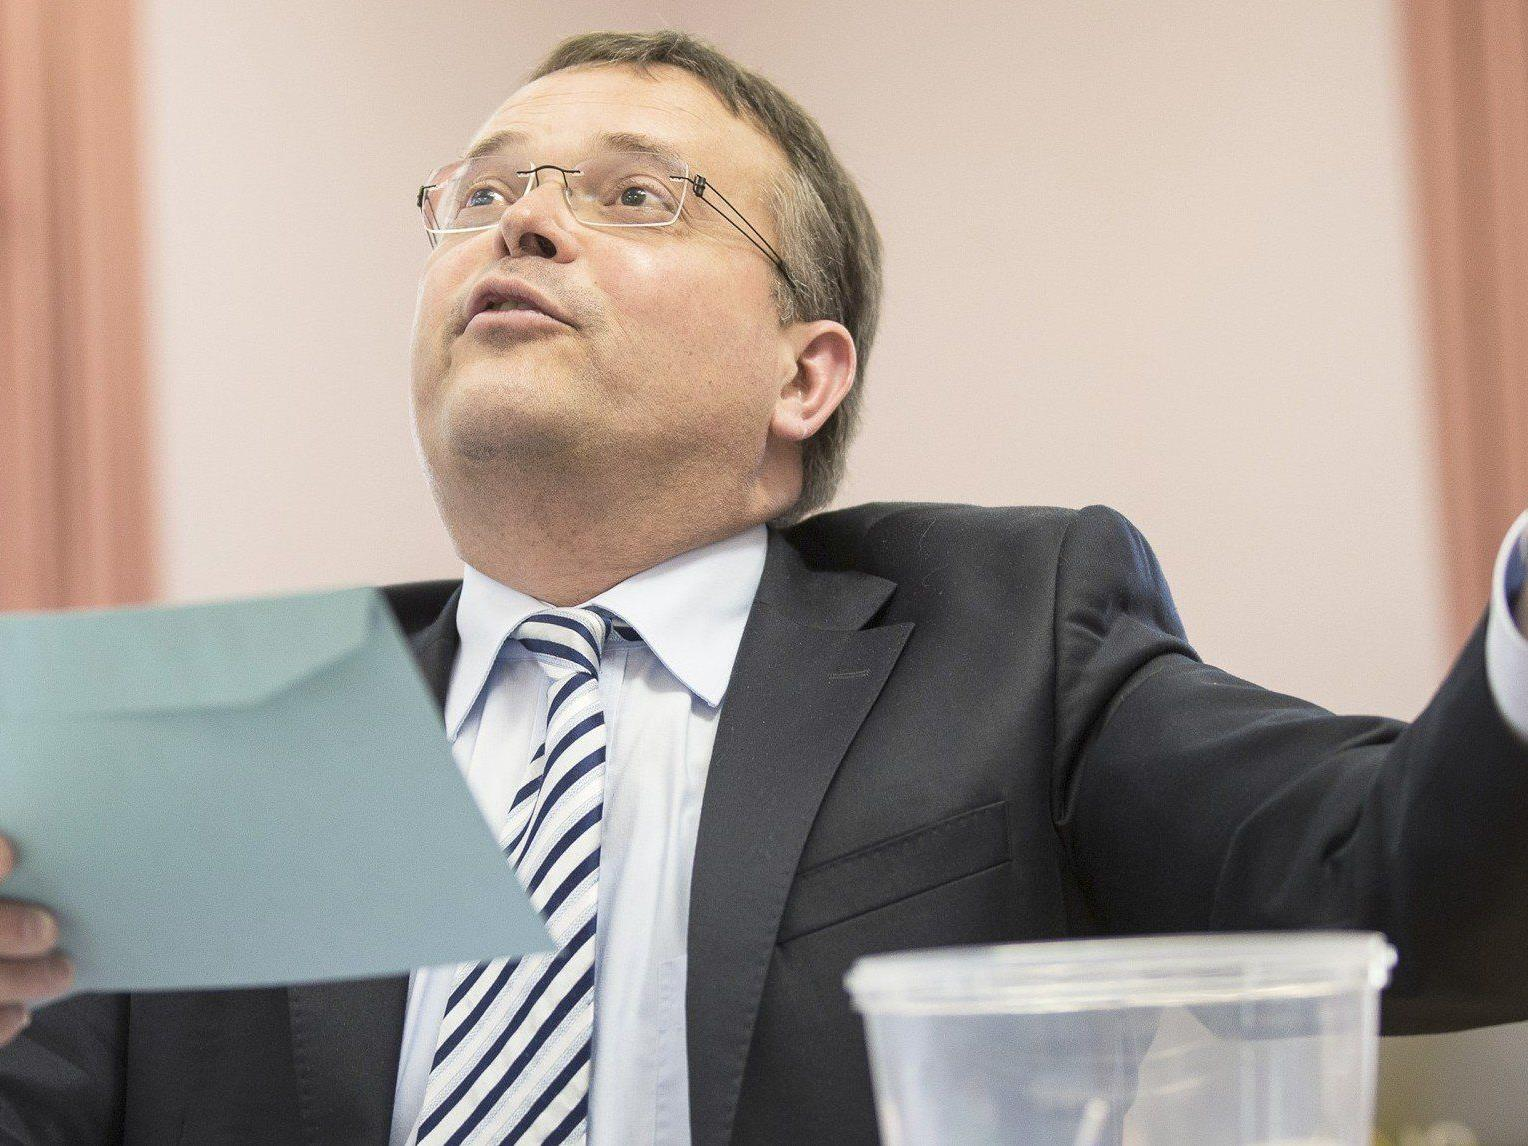 FPÖ: Gerald Hauser konnte bei der Landtagswahl in Tirol sein Ziel von 15 Prozent nicht erreichen.